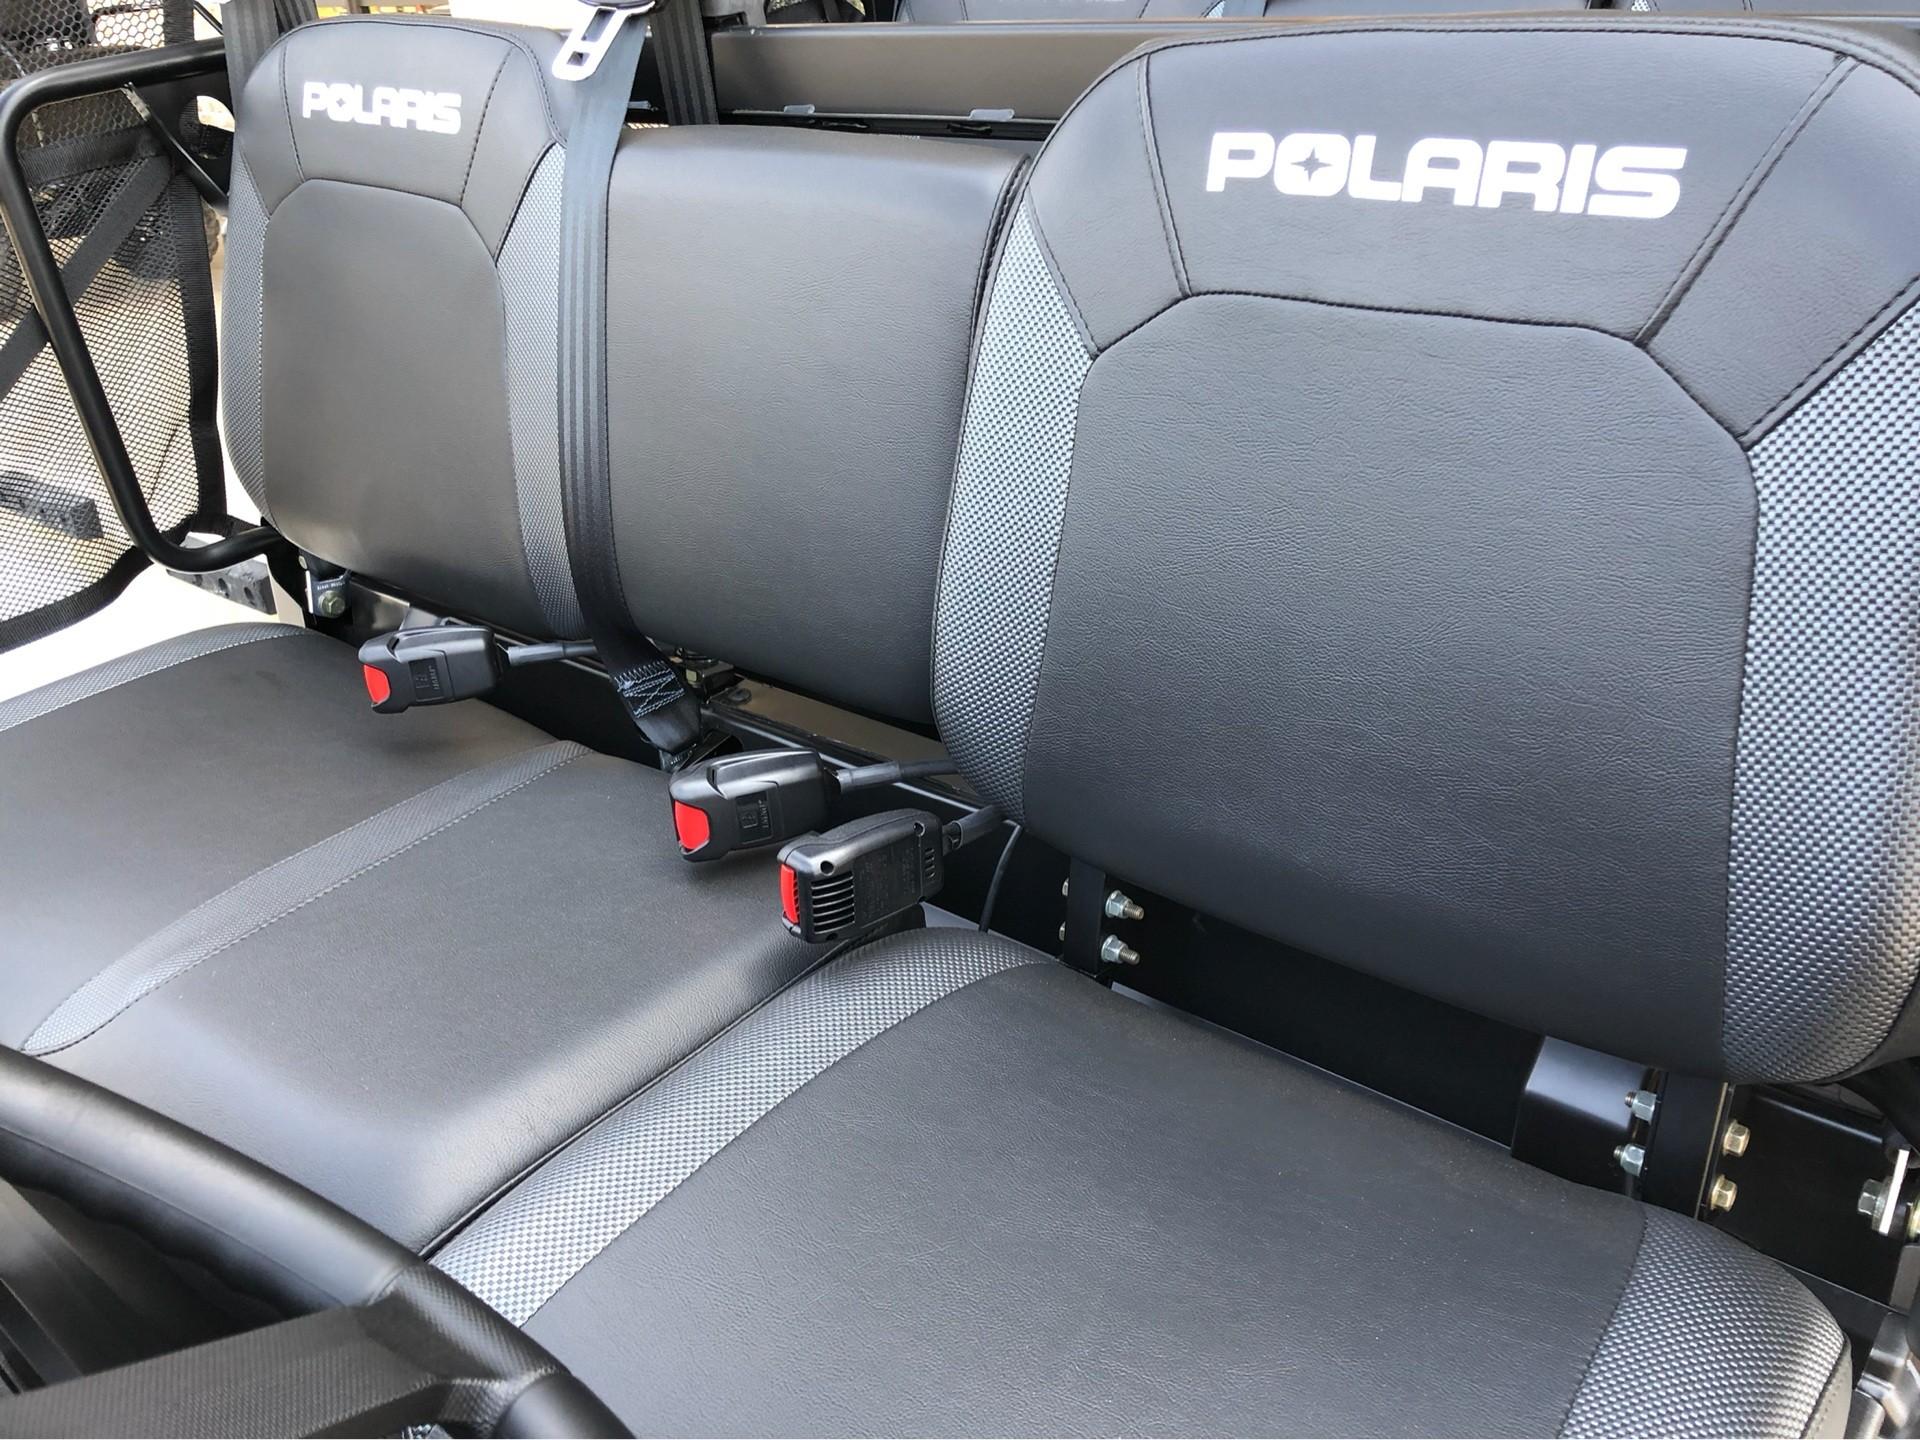 2019 Polaris Ranger Crew XP 900 EPS 4